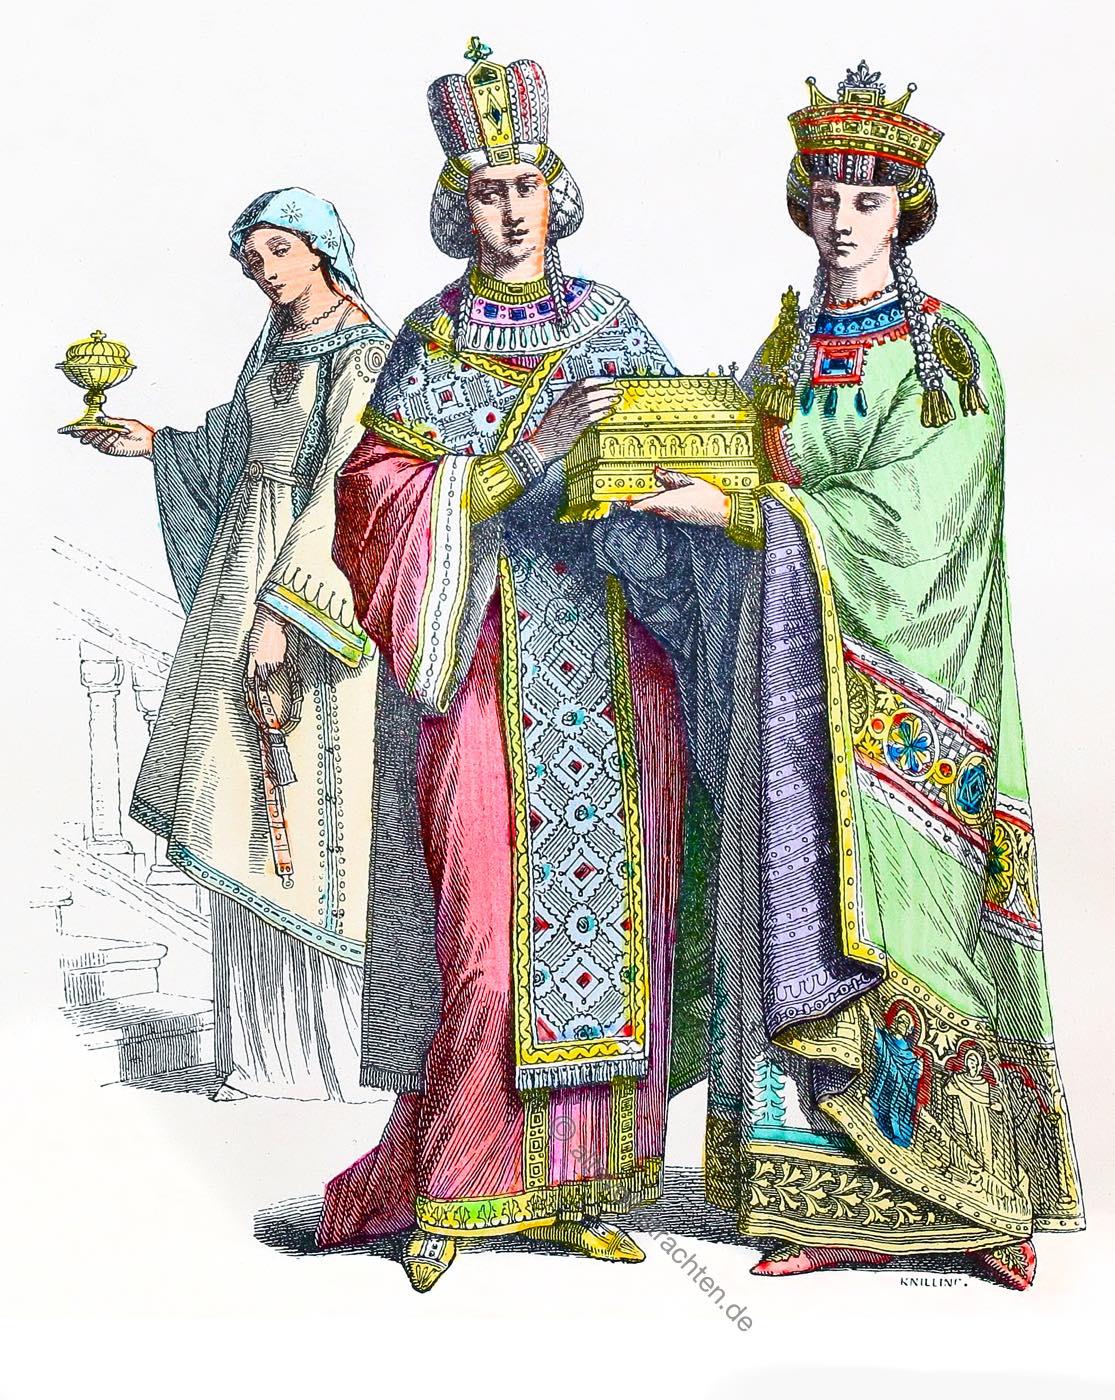 Dienerin, Byzanz, Kaiserin, Prinzessin, Kostüme, Münchener Bilderbogen